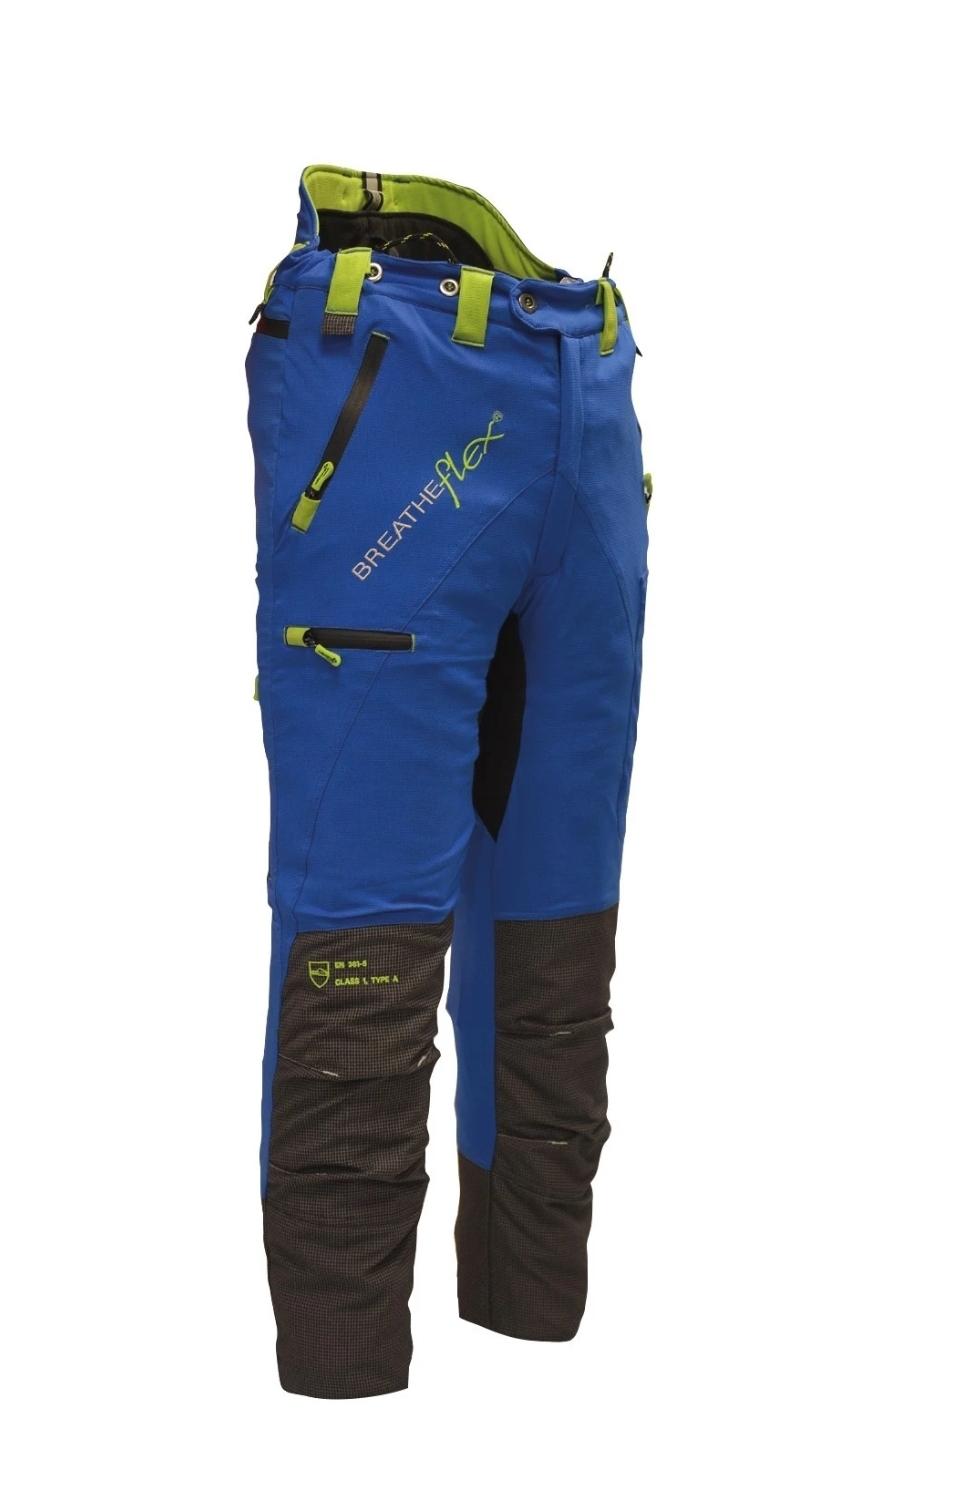 מכנס מוגן חיתוך Arbortec צבע כחול pro